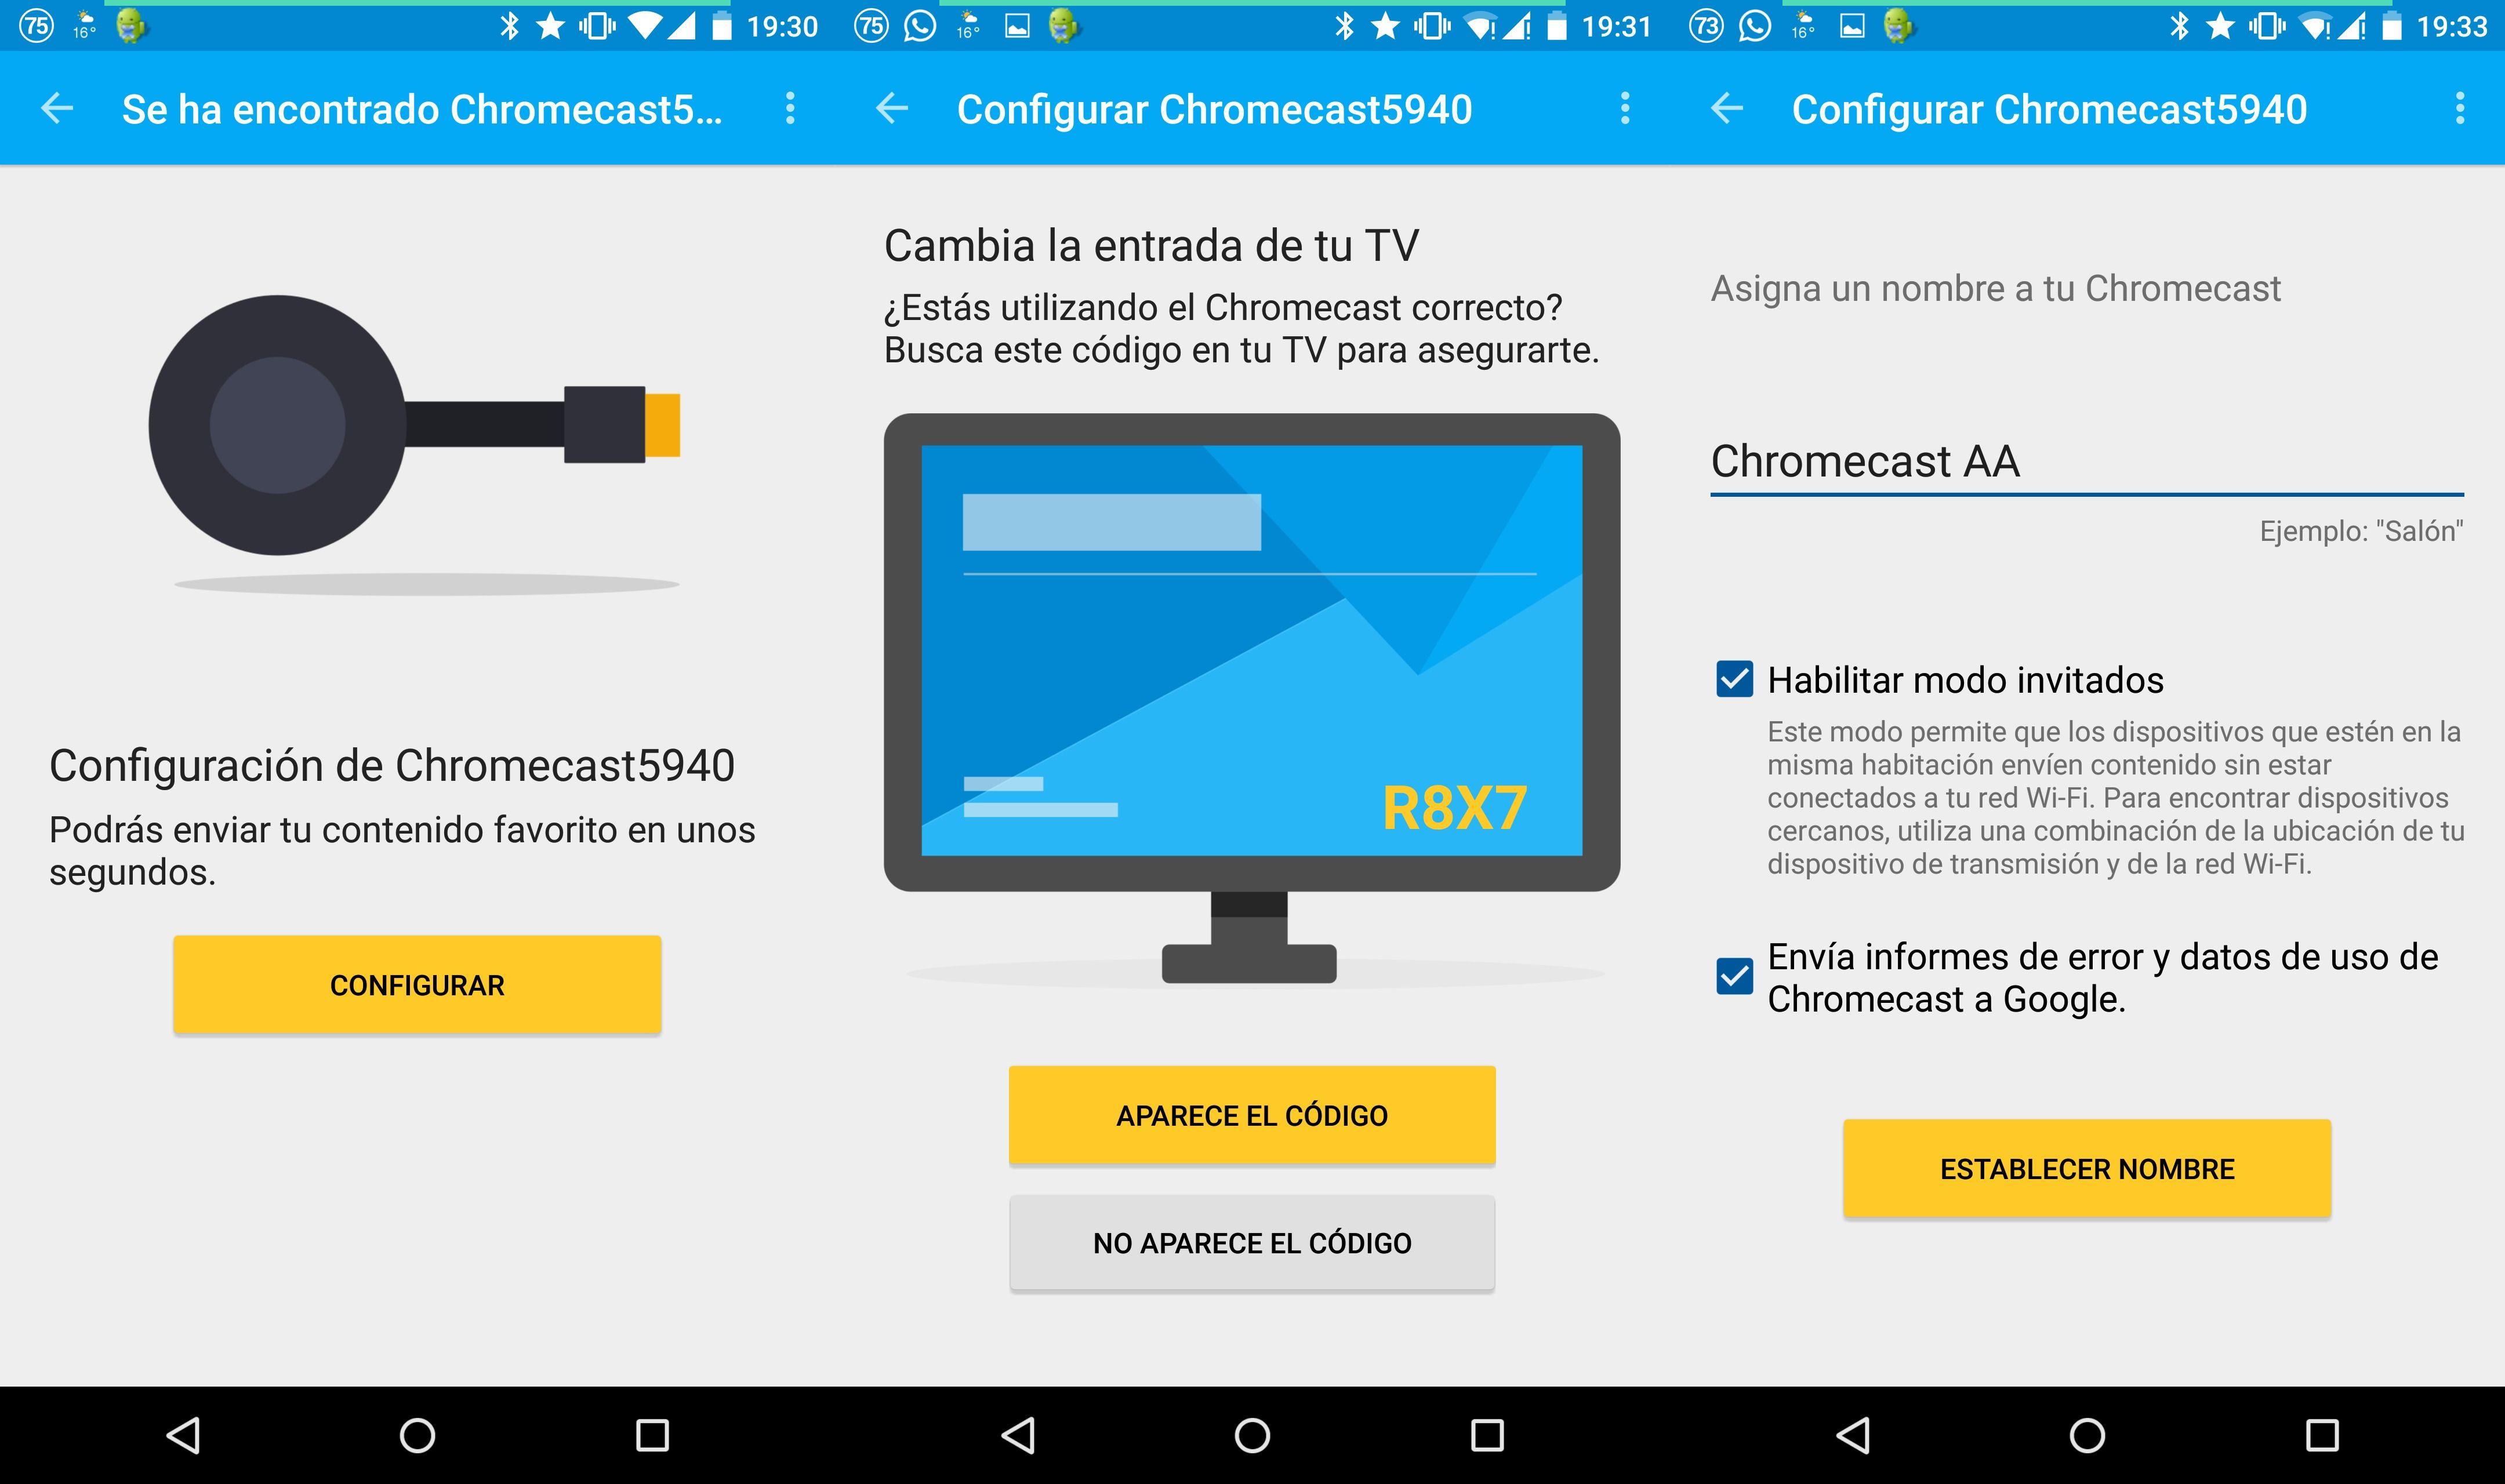 configurar nuevo chromecast de google